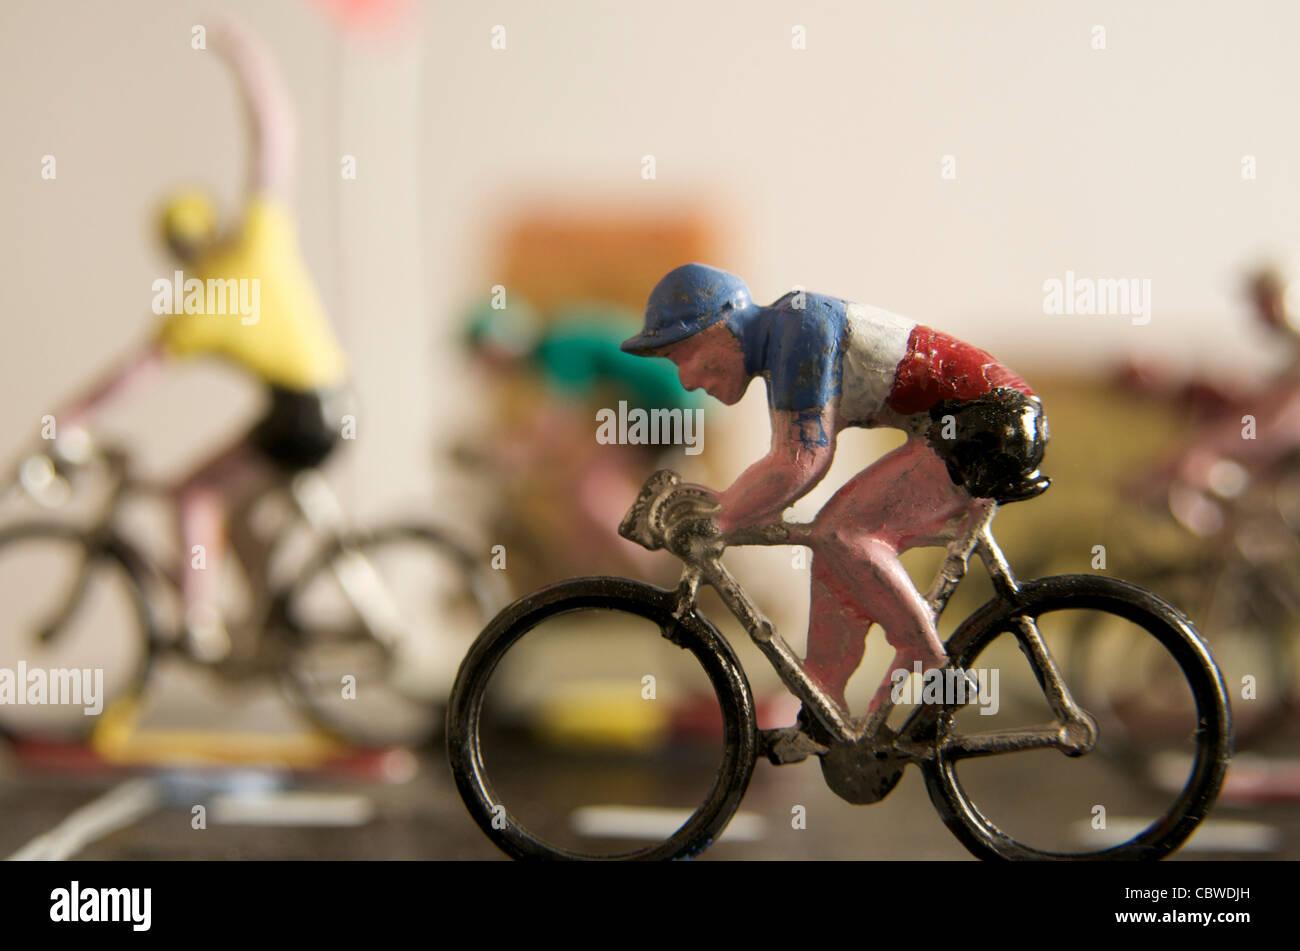 Los ciclistas, figurillas - ganador concepto Imagen De Stock